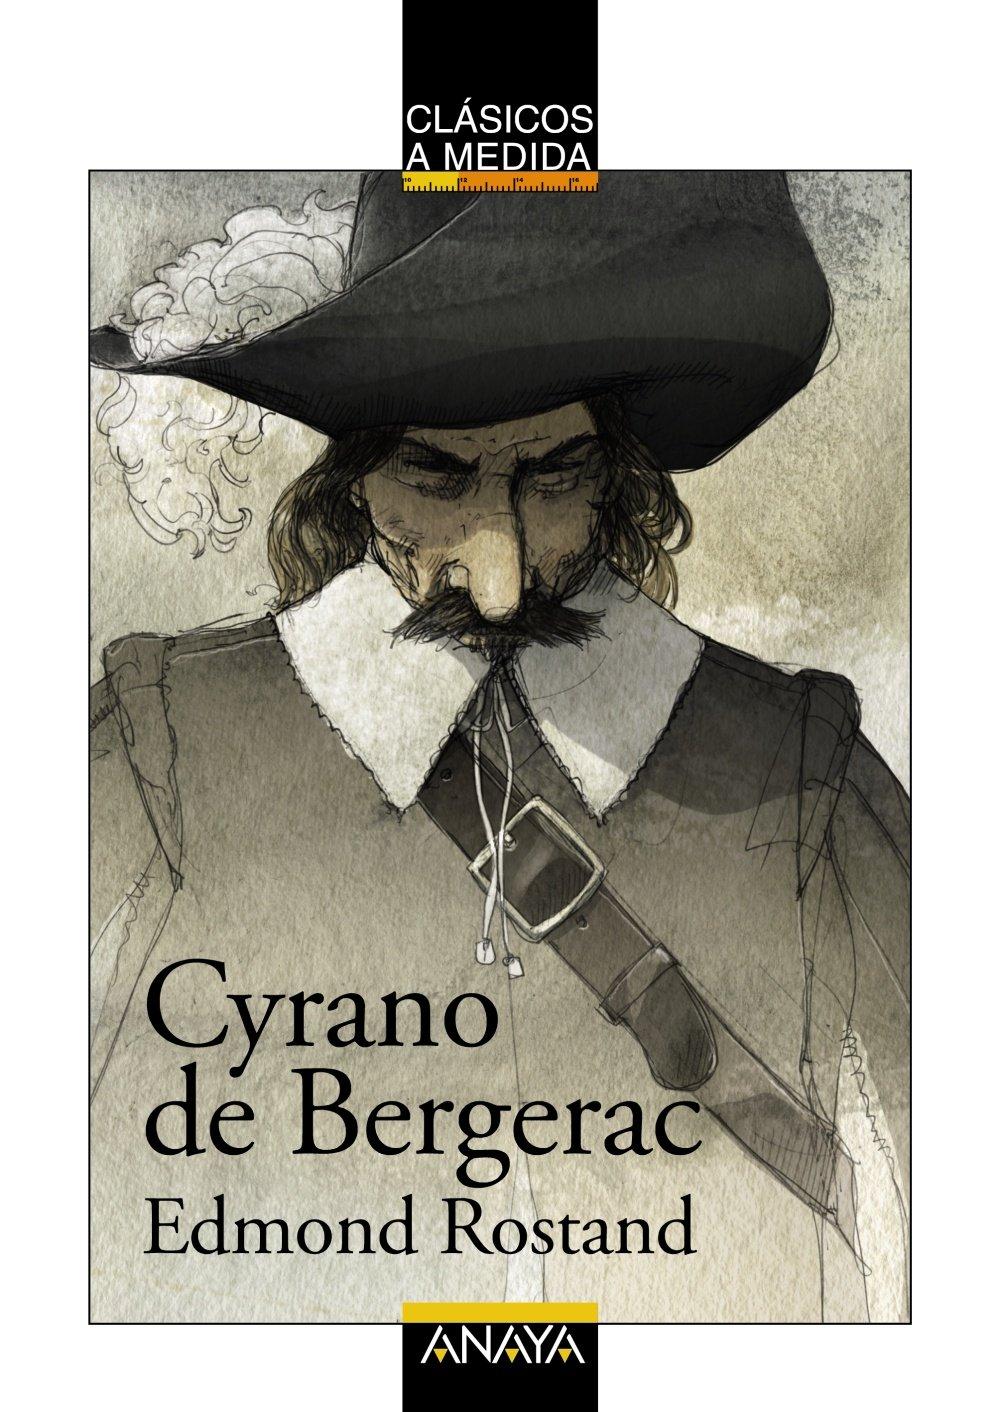 Cyrano de Bergerac (Clásicos - Clásicos A Medida) Tapa blanda – 24 abr 2015 Edmond Rostand Jordi Vila Delclòs Miquel Pujadó Anaya